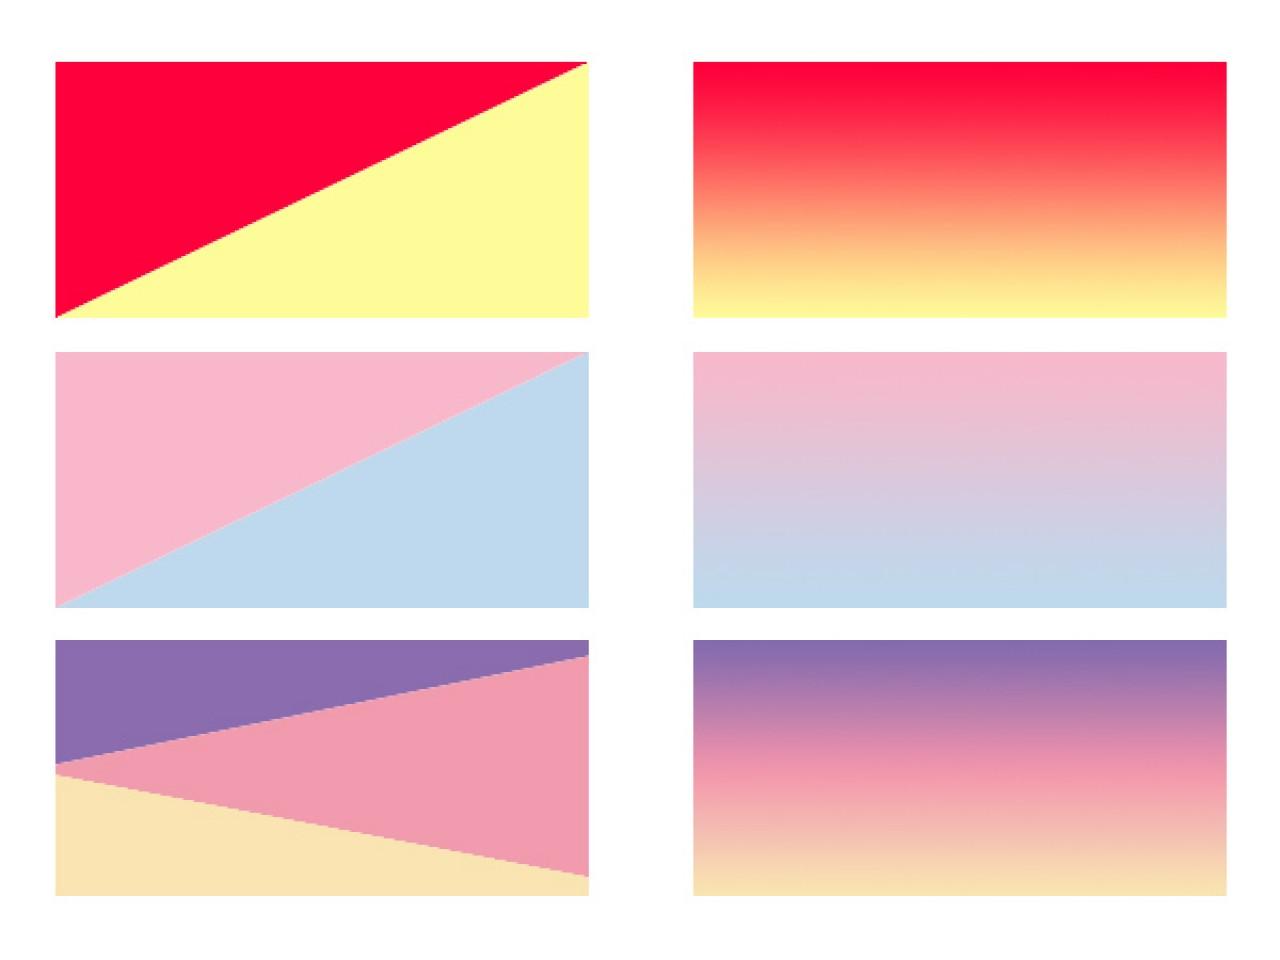 Закраска всего рисунка одним цветом - Форум сайта фотошоп-мастер 907